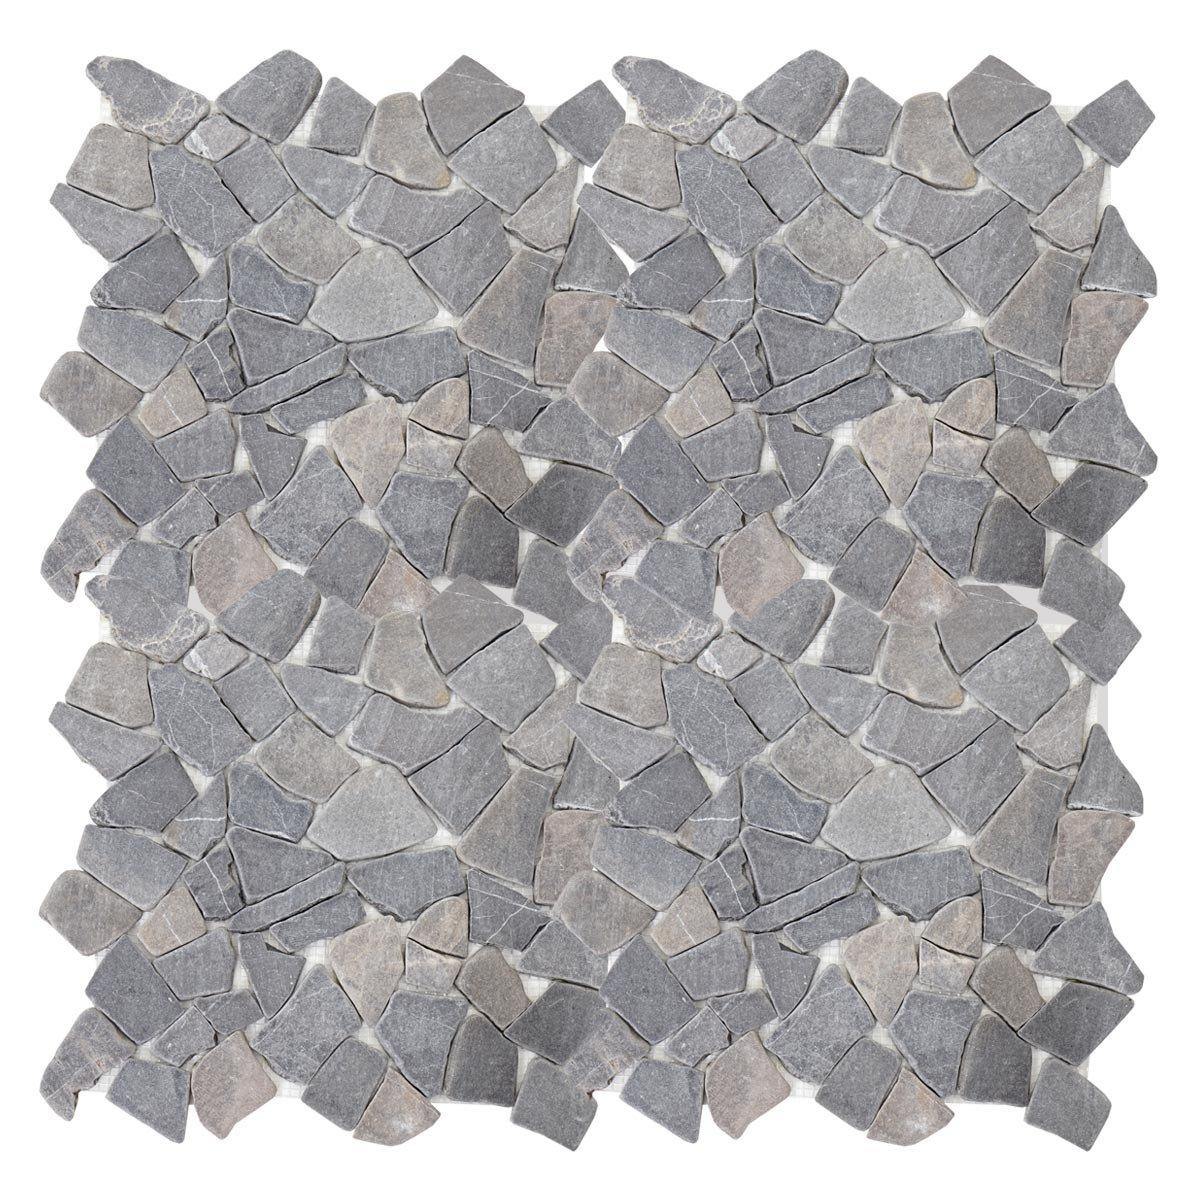 11 St/ück je 30x30cm = 1qm ~ grau Marmor Naturstein-Fliese Mosaik Mendler Steinfliesen Vigo T687